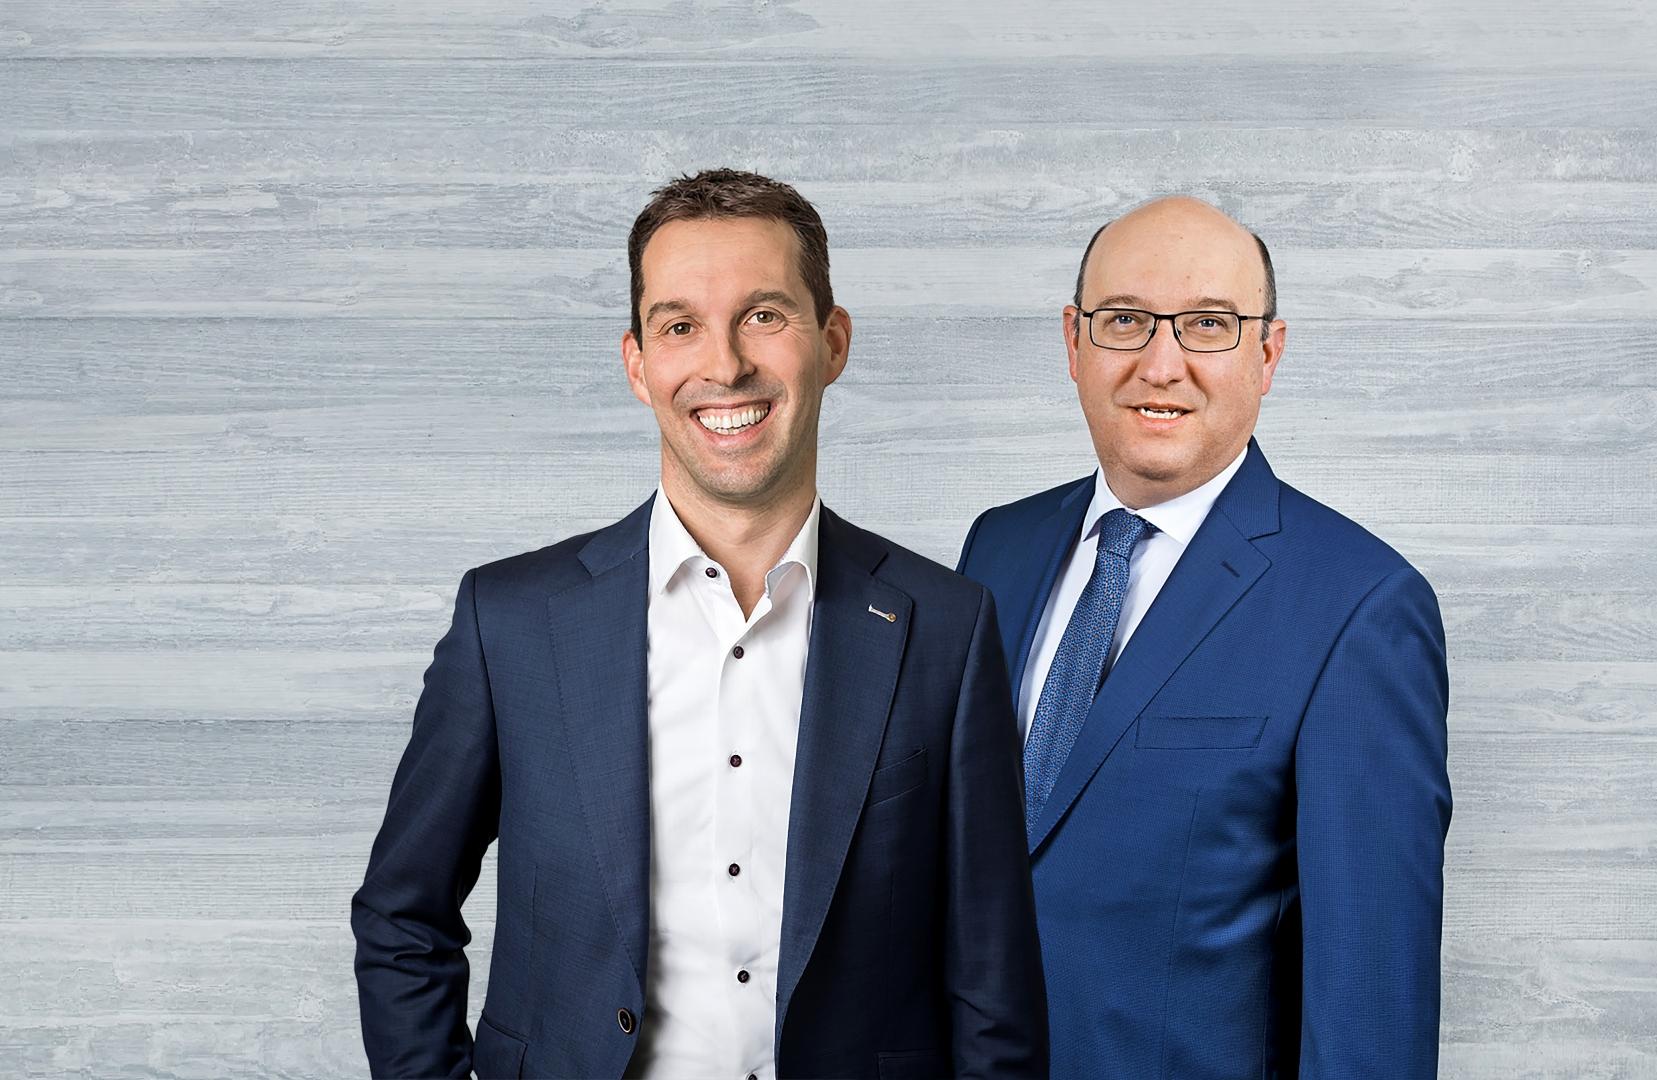 Bürgerliches Zweierticket: Michael Götte und Beat Tinner